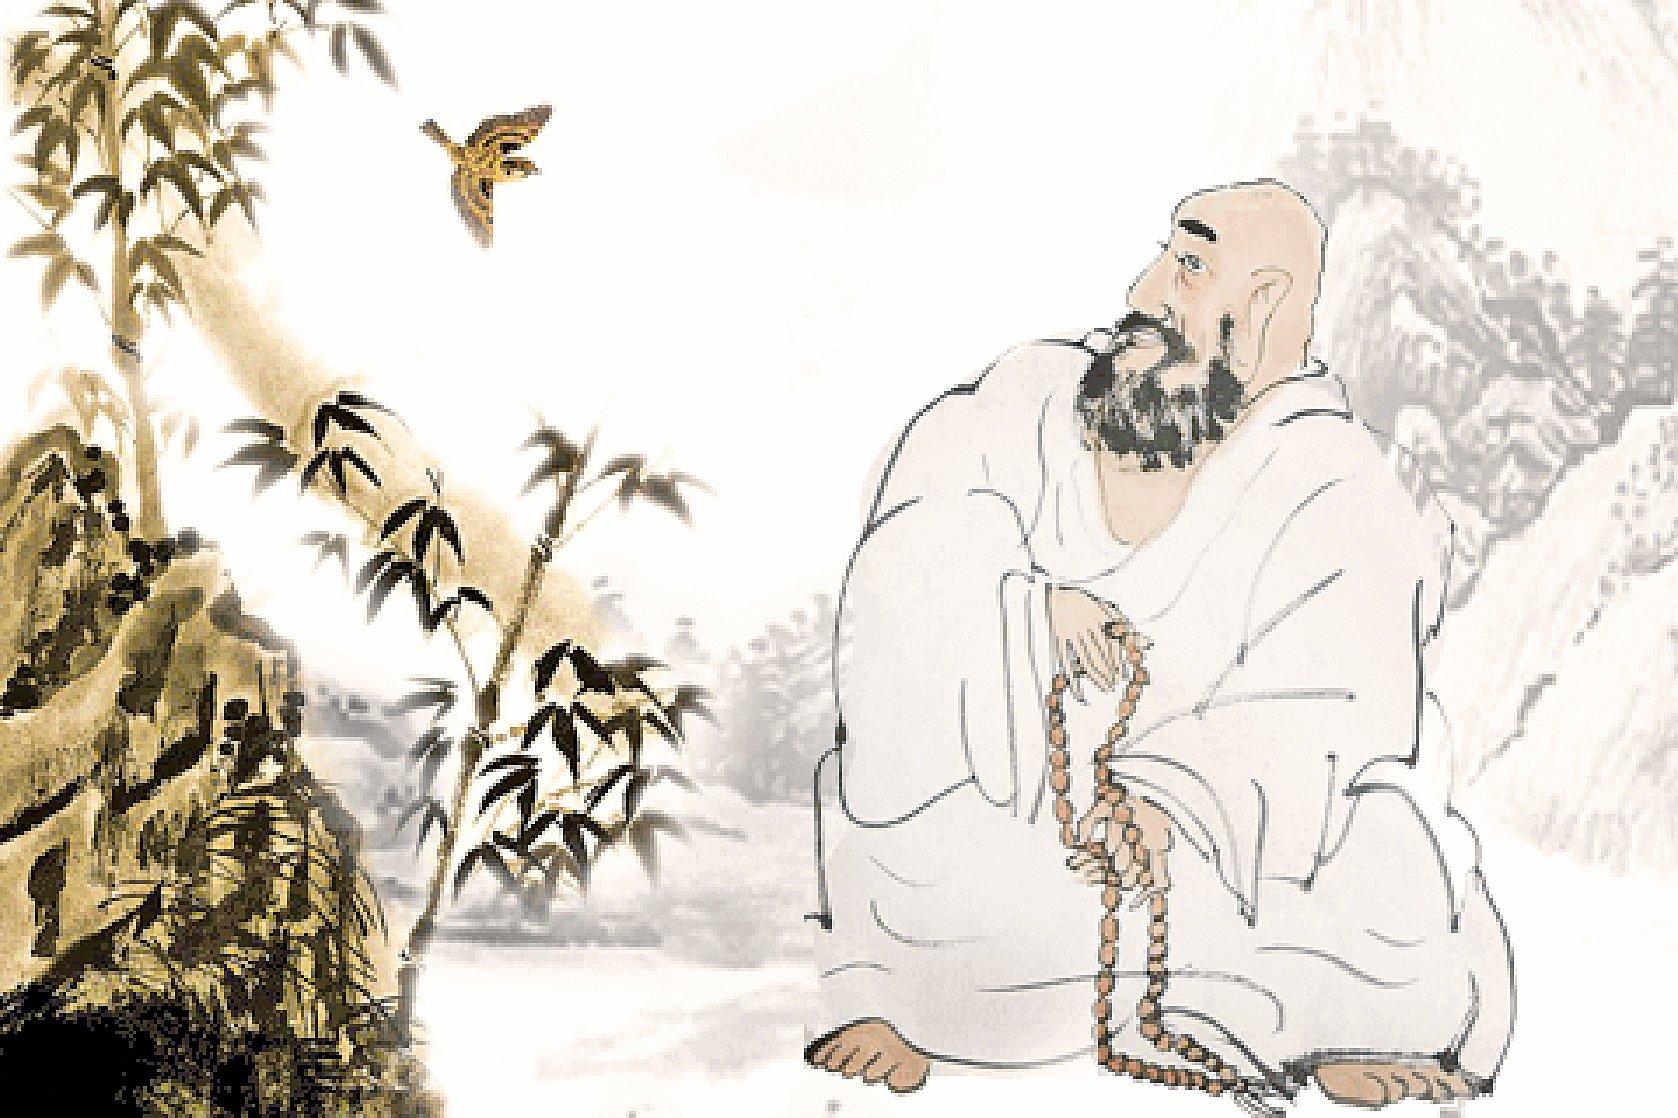 心寬是福(圖片來源:pngtree/希望之聲合成)